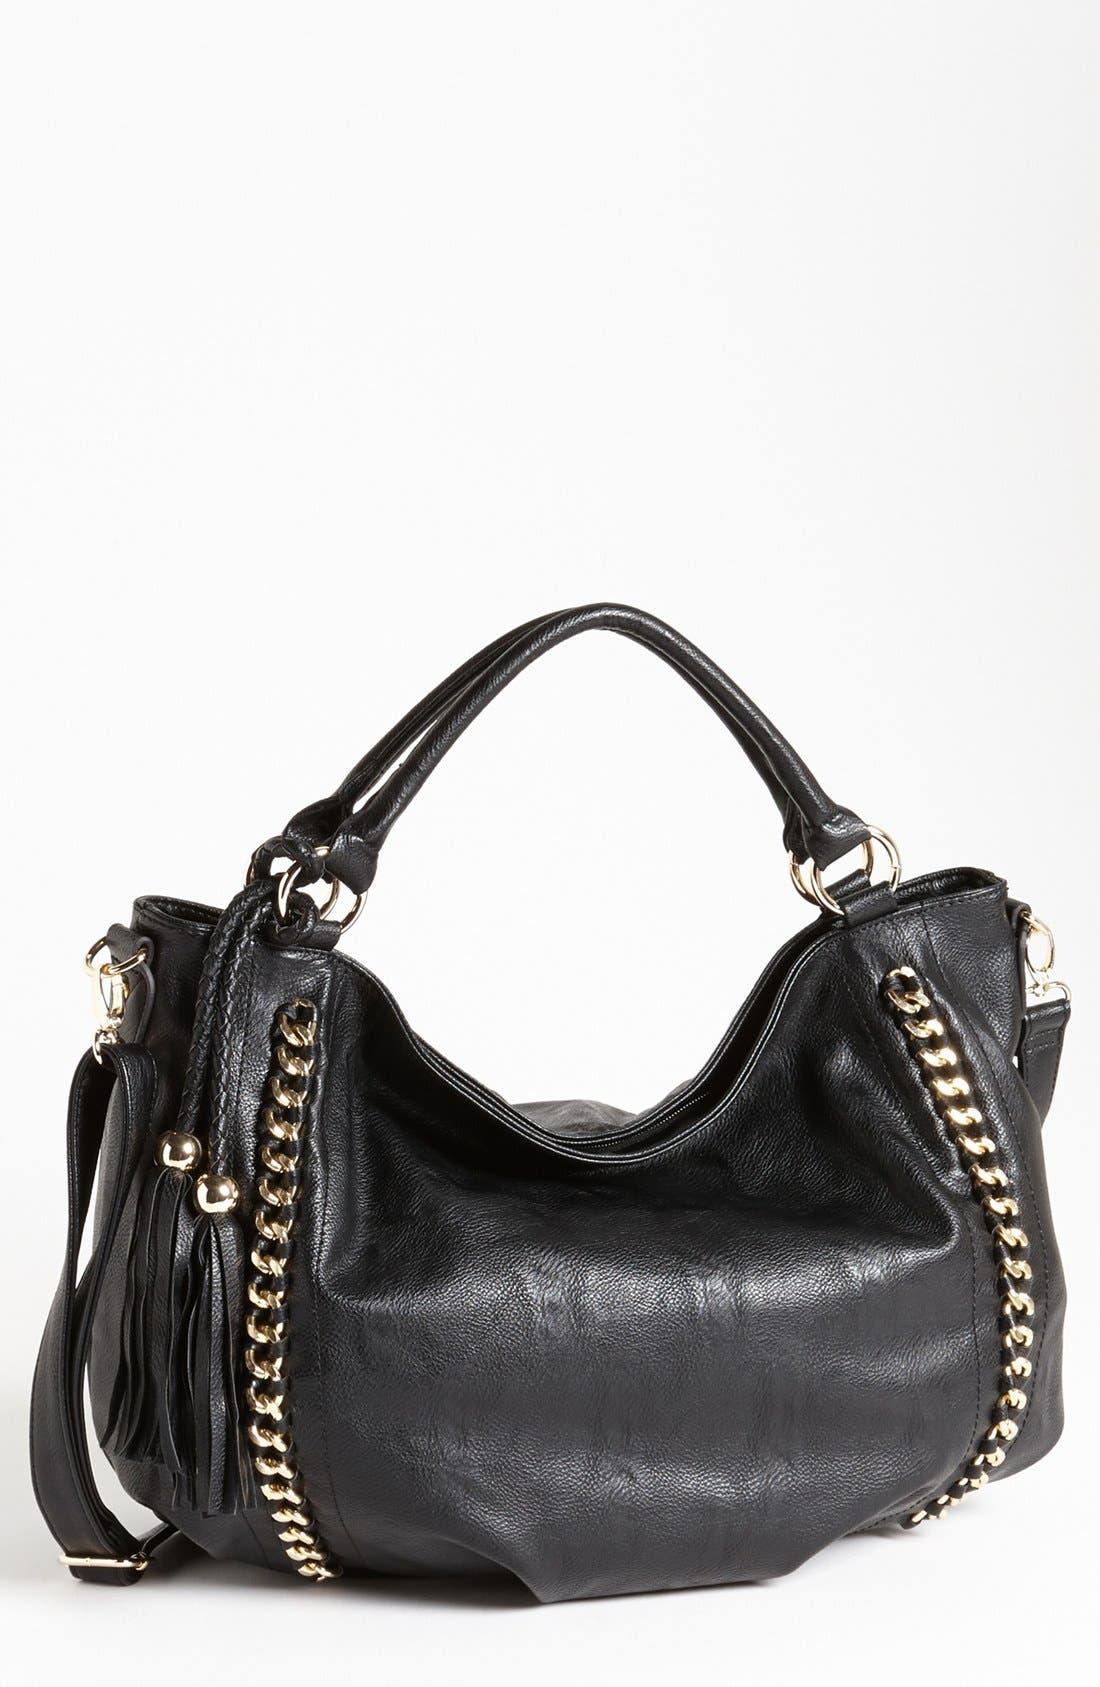 Main Image - LaTique 'Adele' Faux Leather Satchel